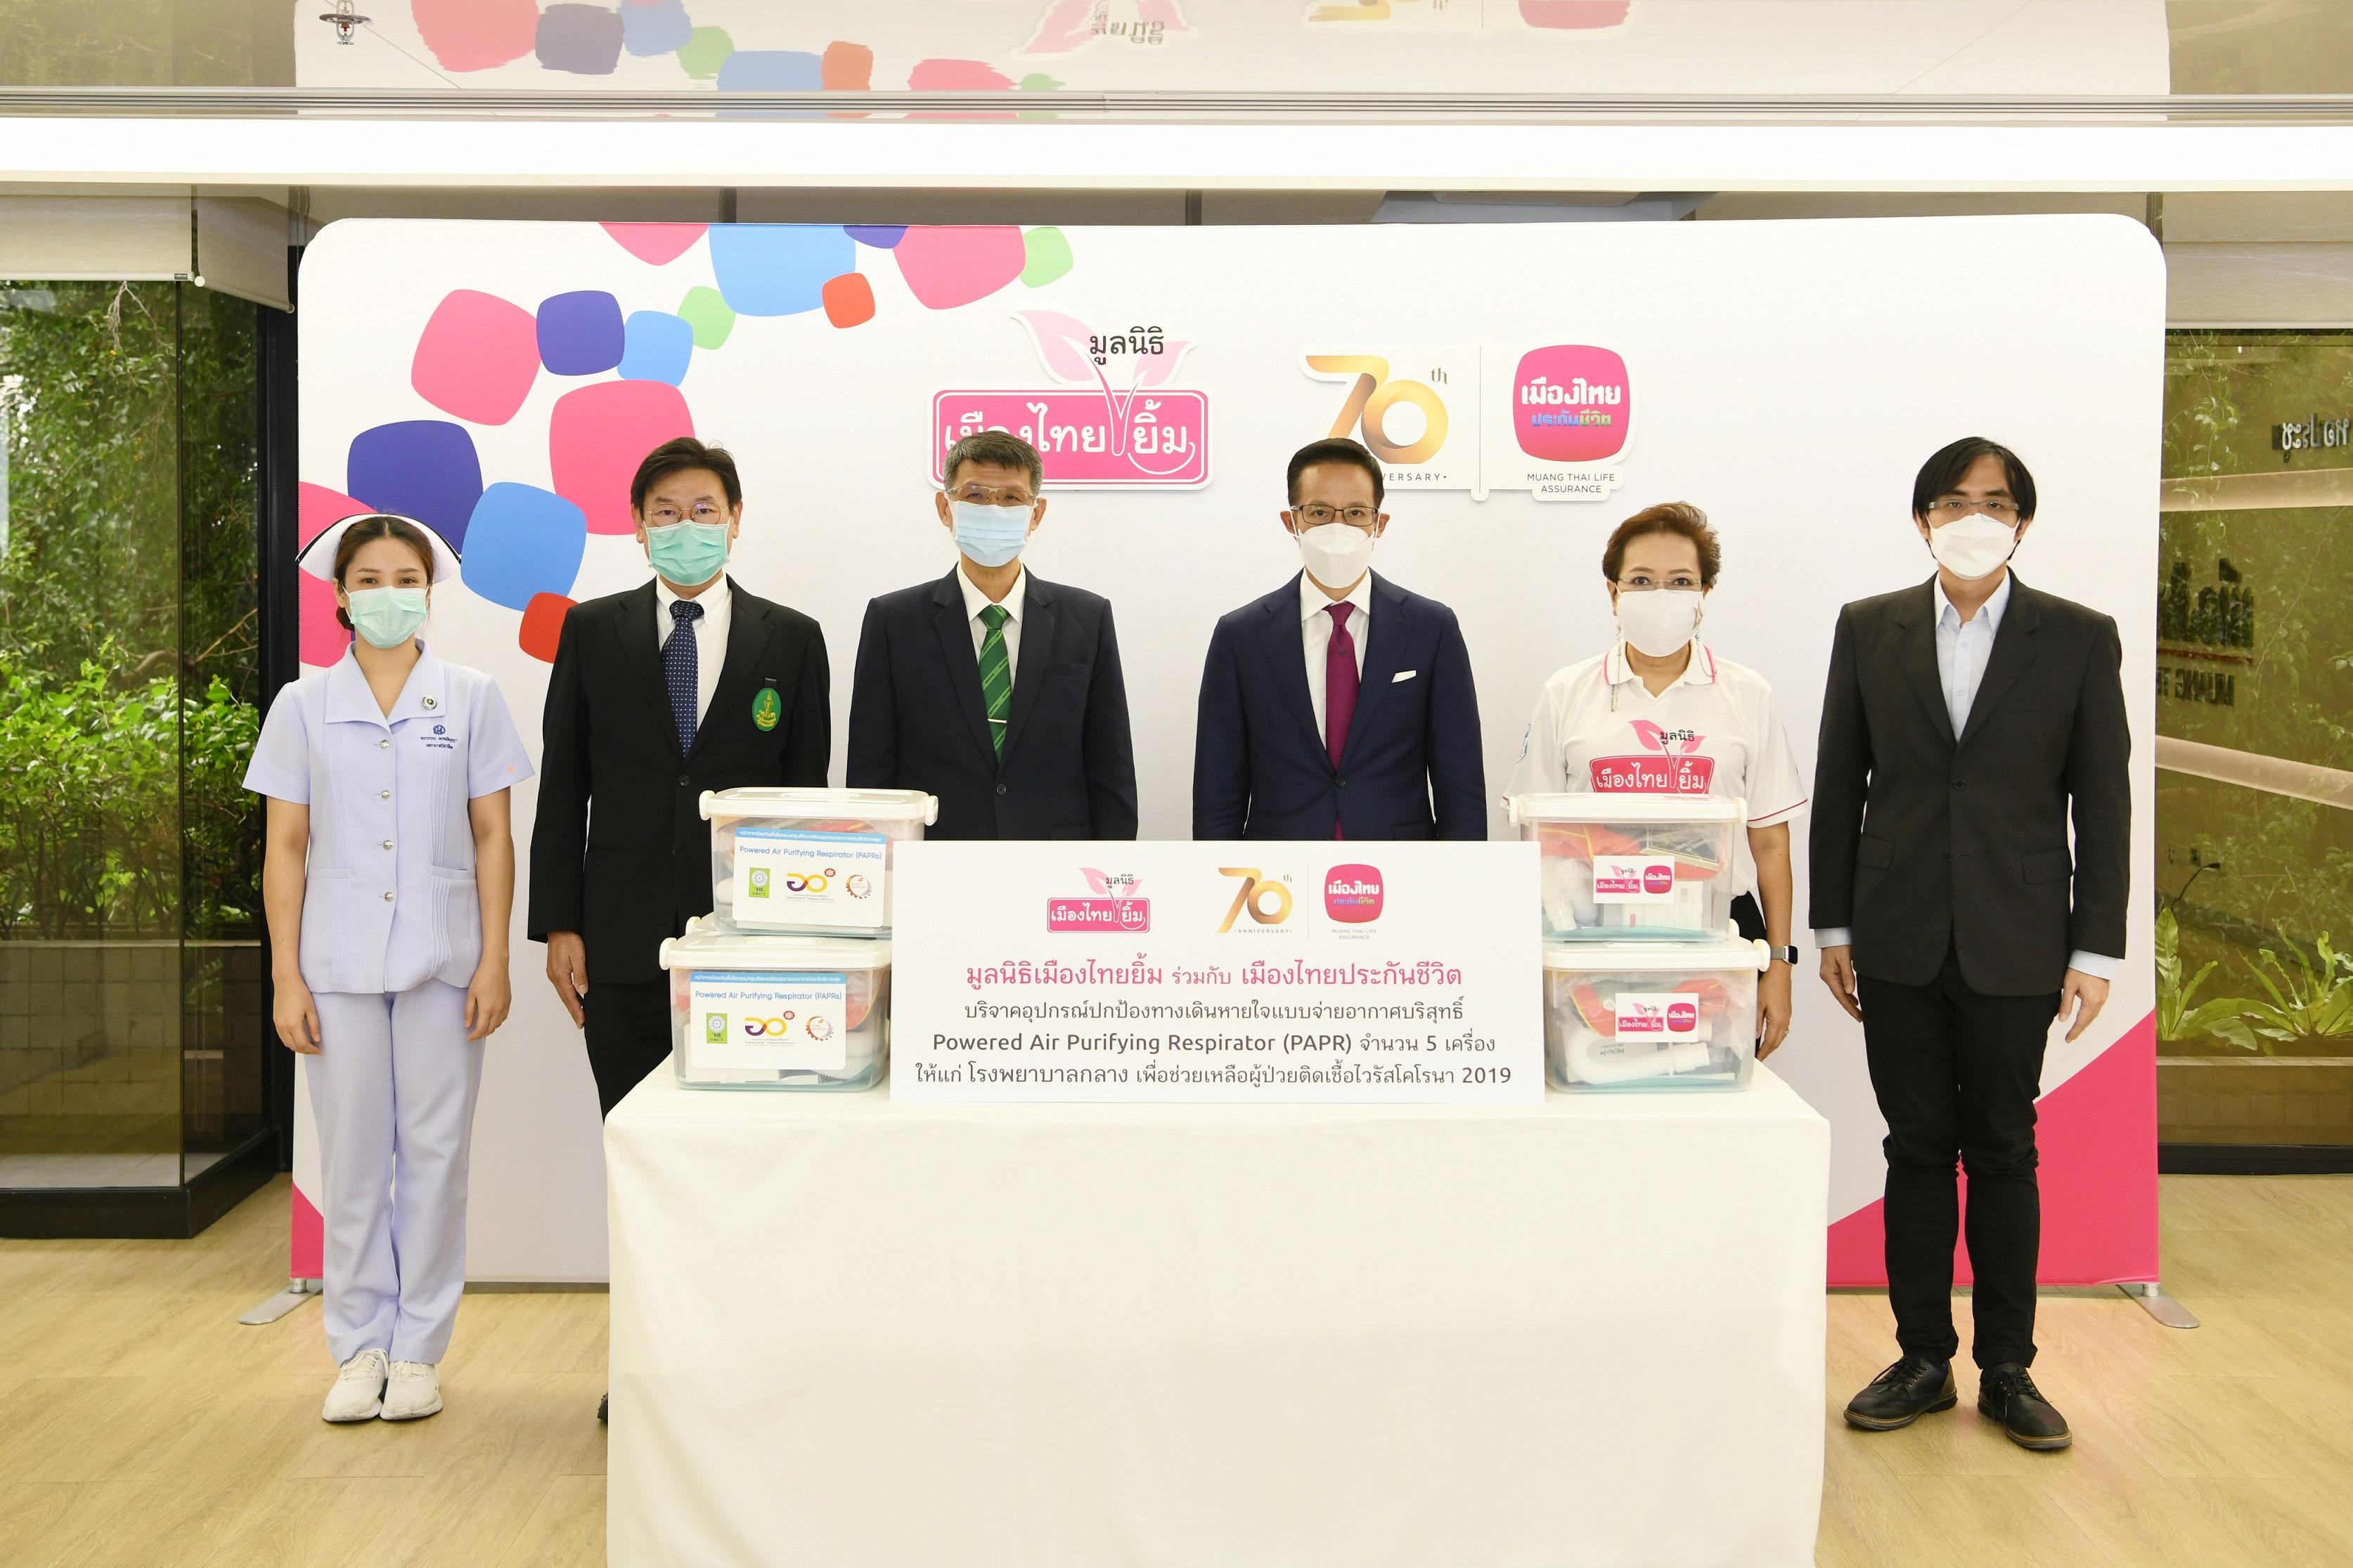 เมืองไทยประกันชีวิต ร่วมกับ มูลนิธิเมืองไทยยิ้ม  บริจาคอุปกรณ์ปกป้องทางเดินหายใจ (PAPR) แก่โรงพยาบาลกลาง